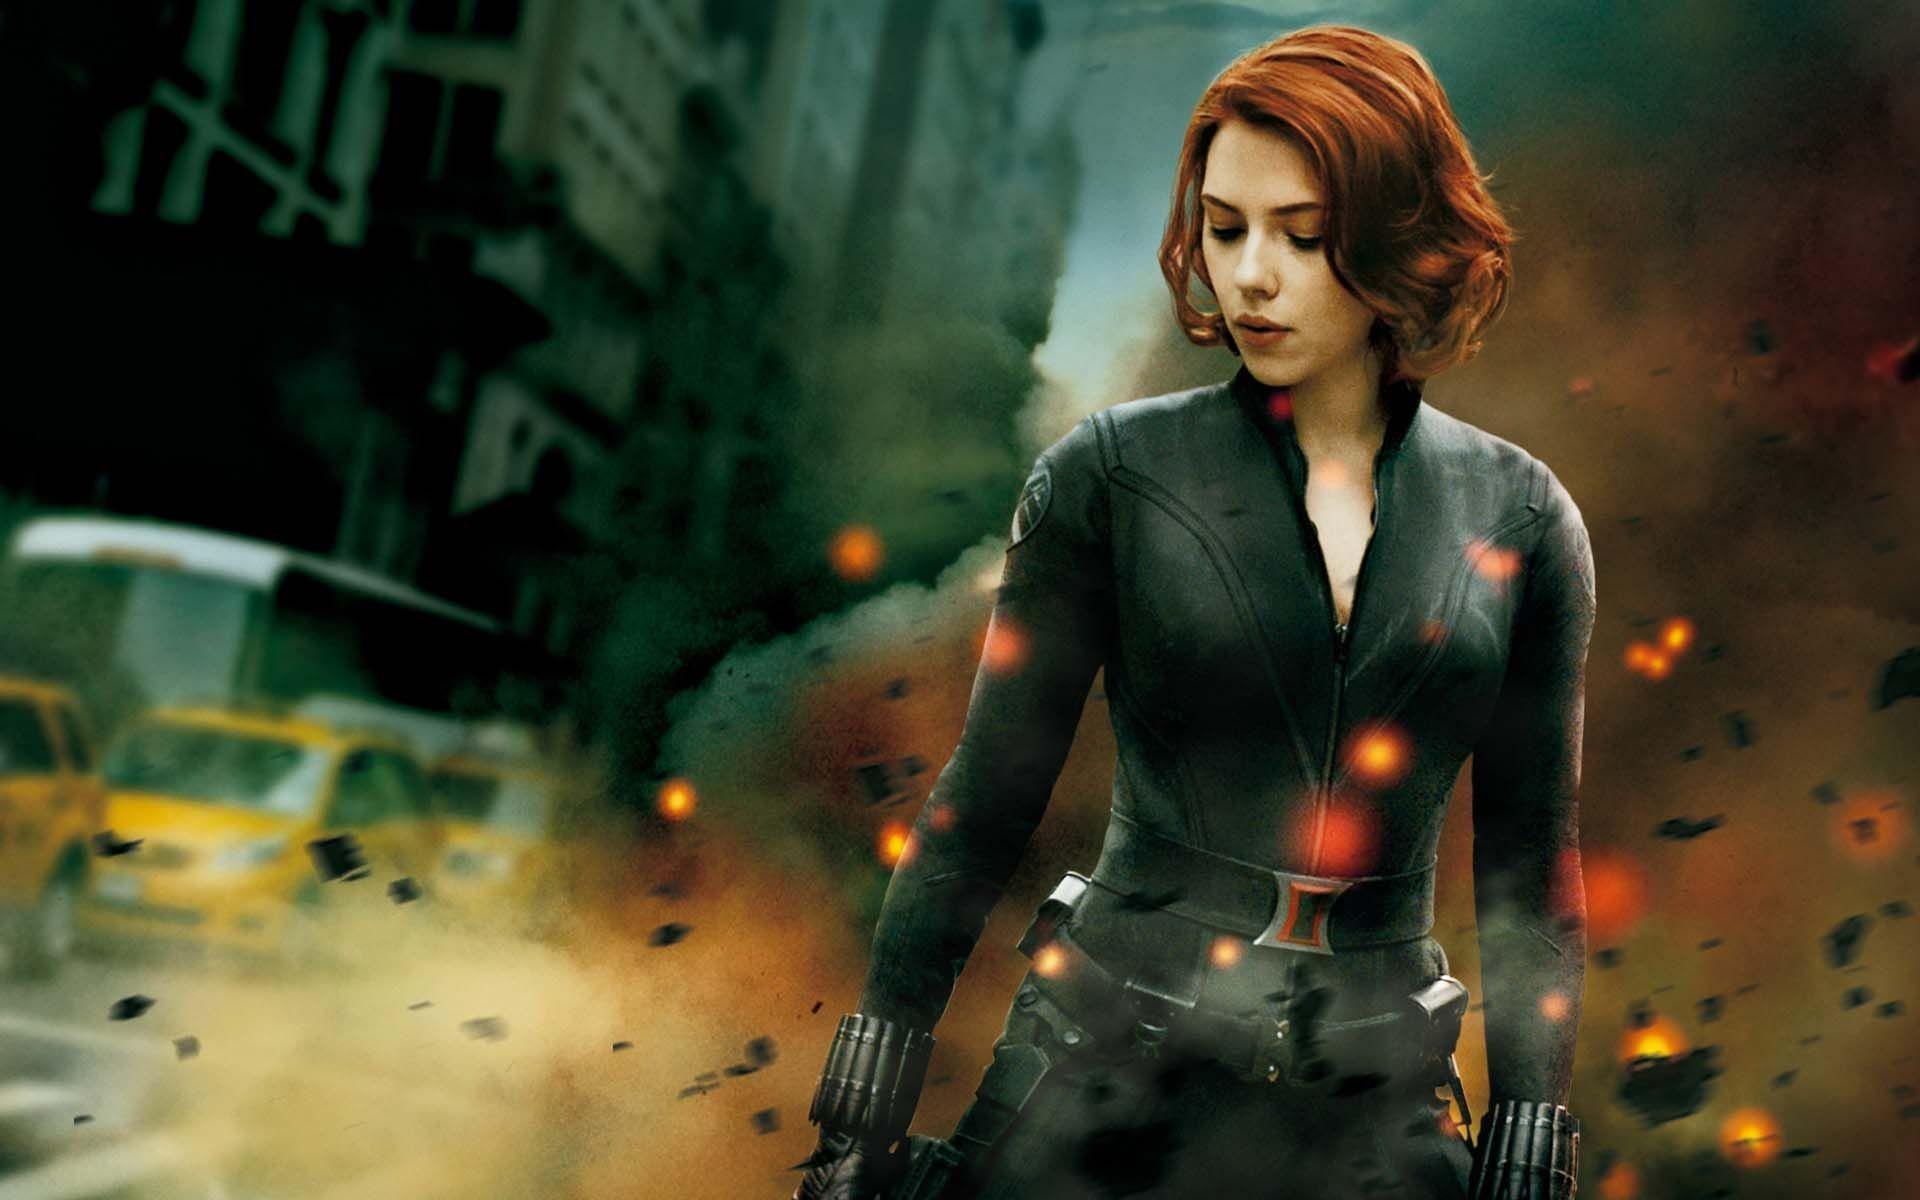 Res: 1920x1200, Avengers black widow scarlett johansson wide hd new wallpaper free download.